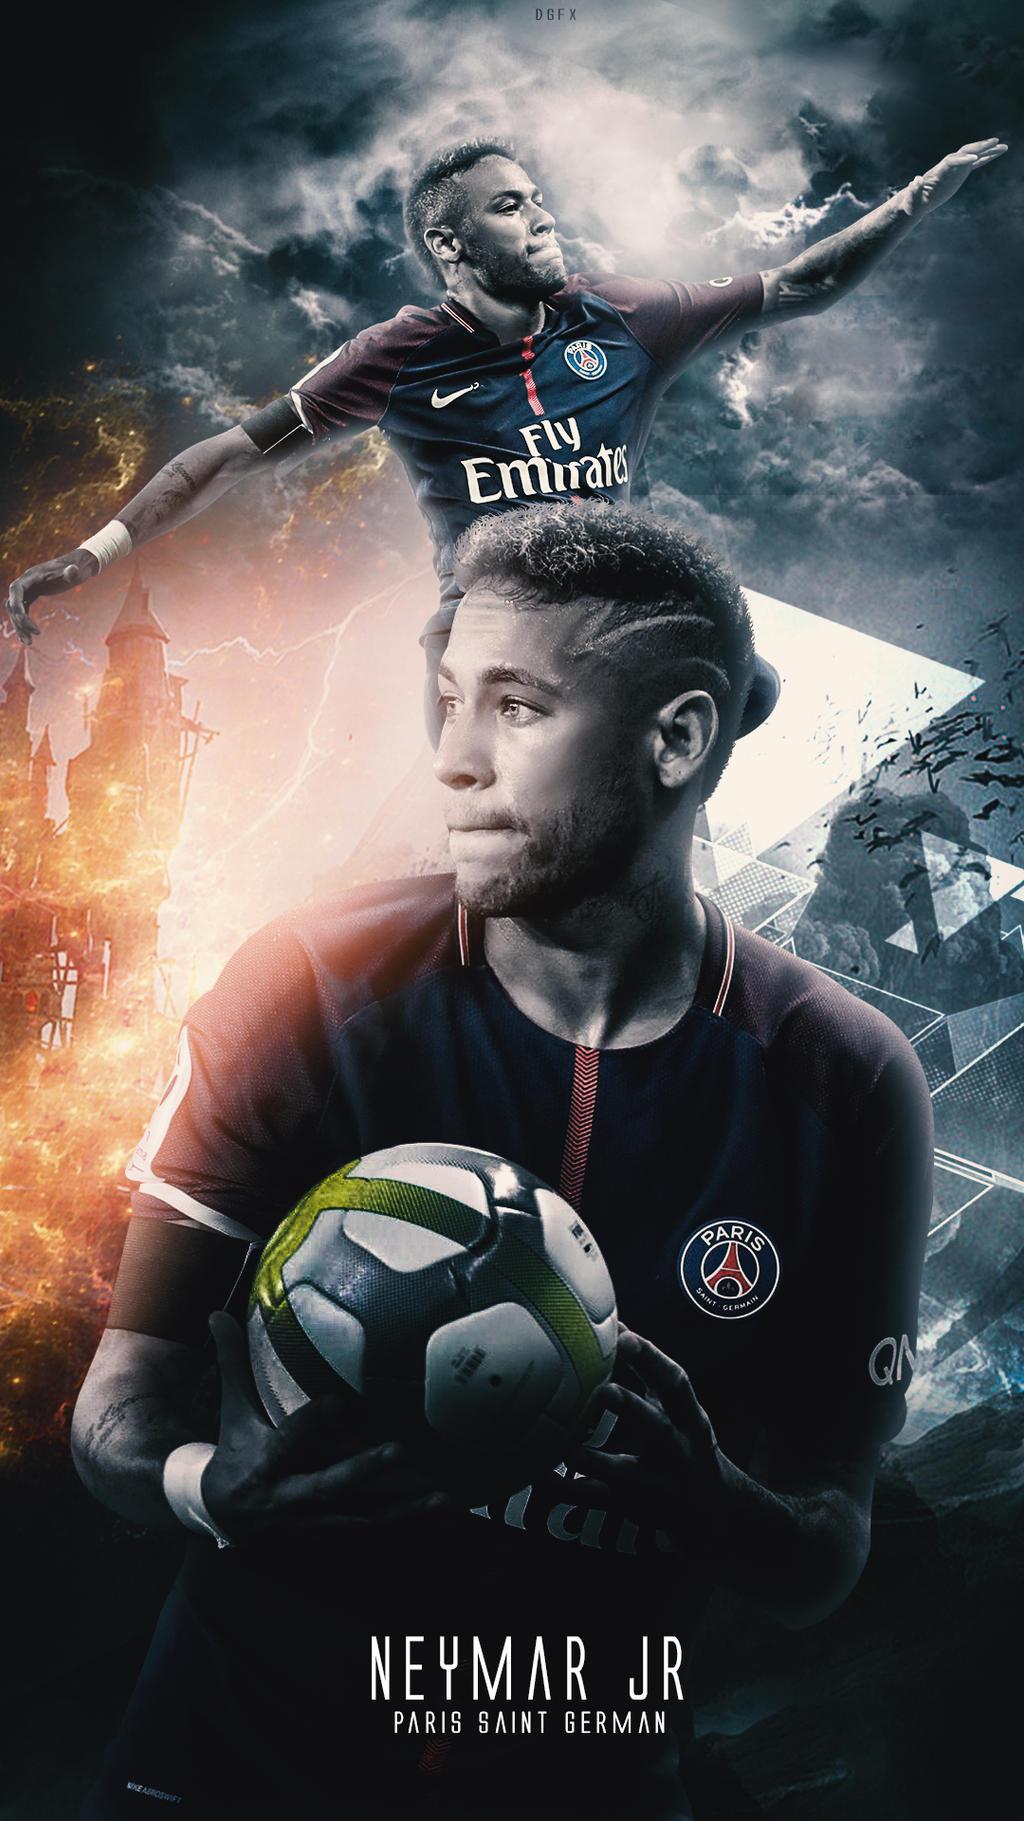 Neymar Jr Wallpaper Psg By Danialgfx On Deviantart